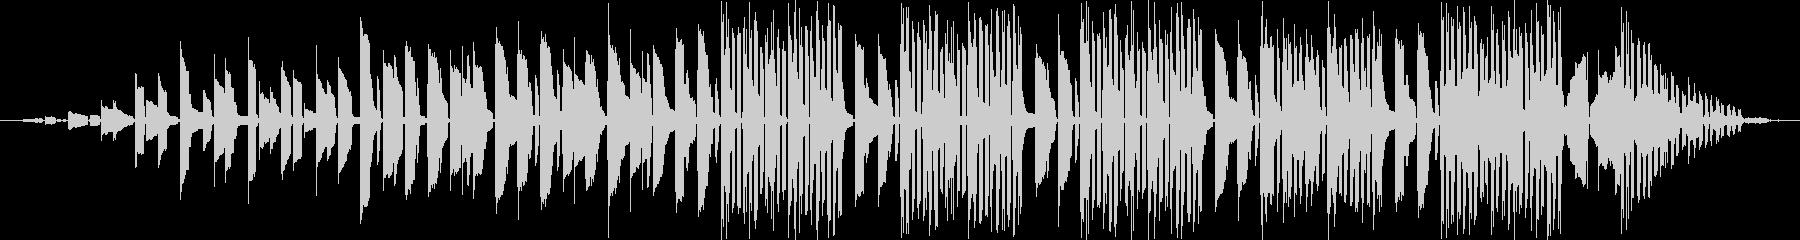 催眠的なエレクトロアンビエントディ...の未再生の波形